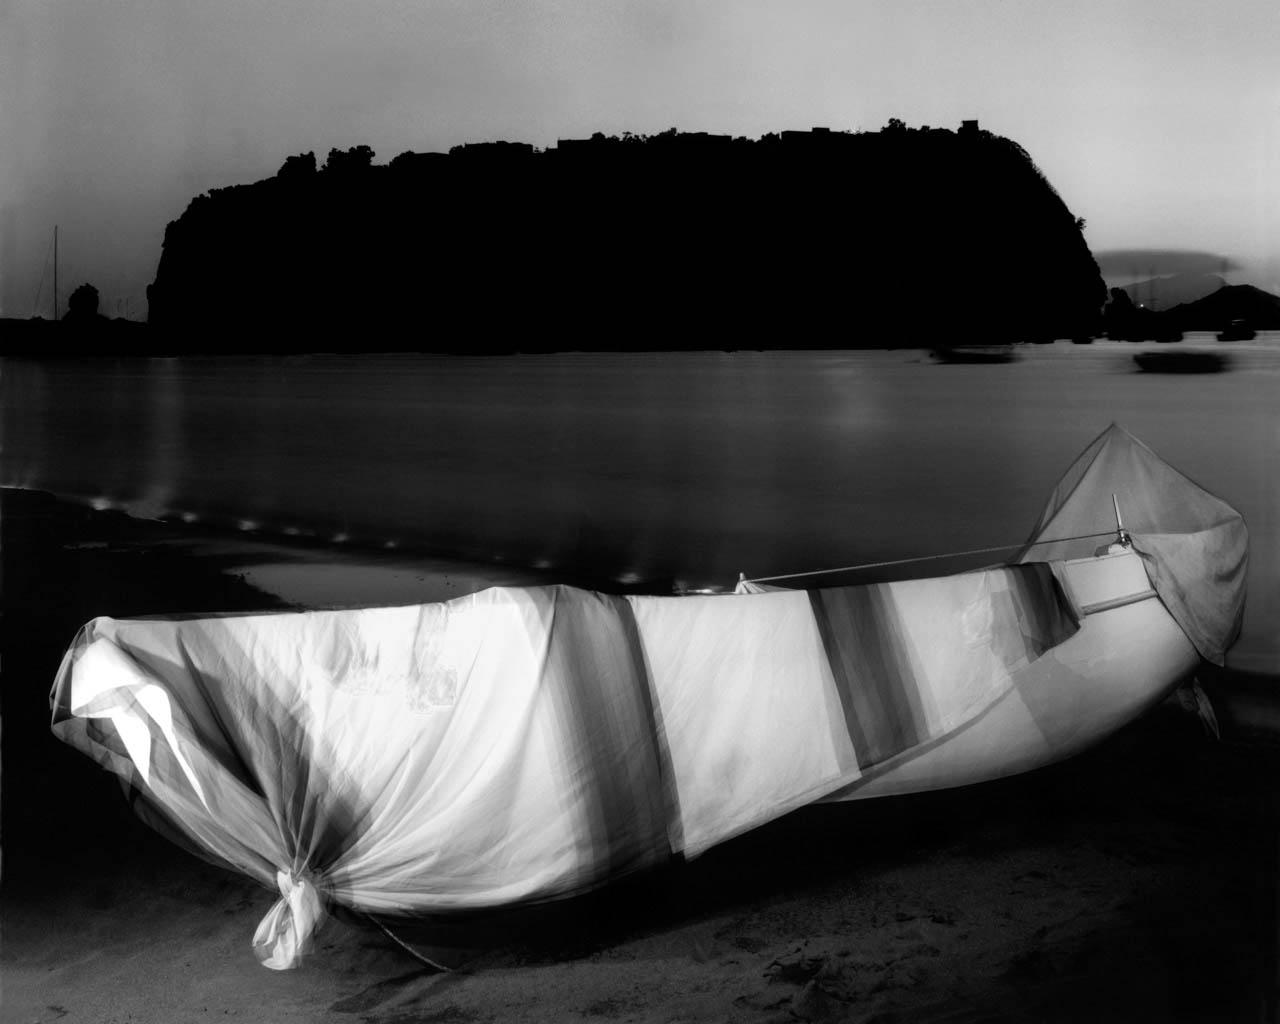 Sulla spiaggia, Coroglio, 2001 Stampa digitale su carta Hahnemuhle, cm 100x120 / cm 120x140 (ed. 6 + 1AP)